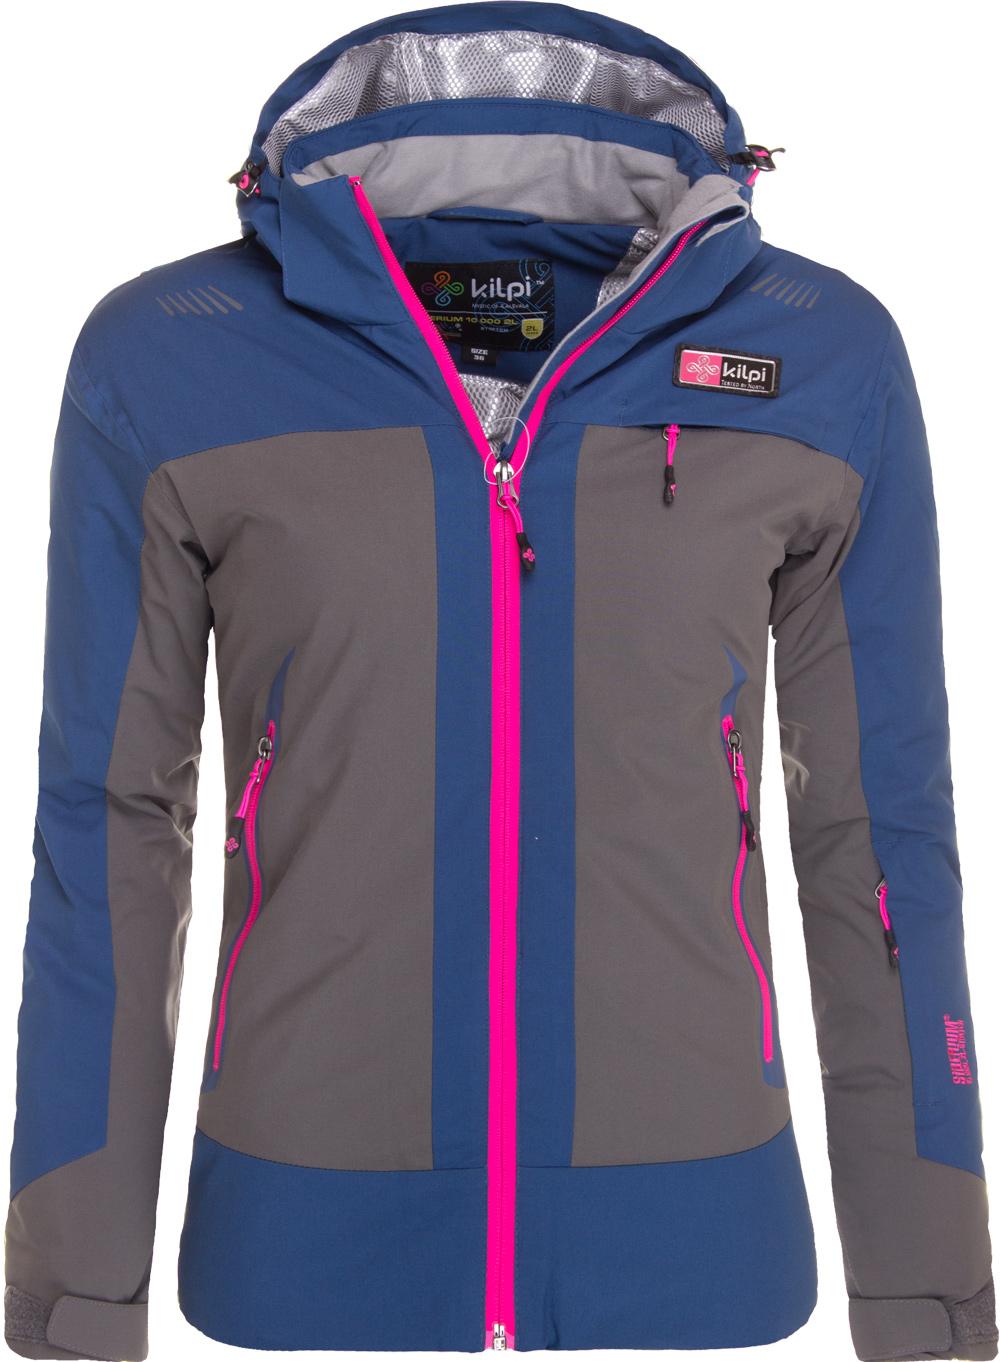 Ski jacket women's Kilpi SAWA-W